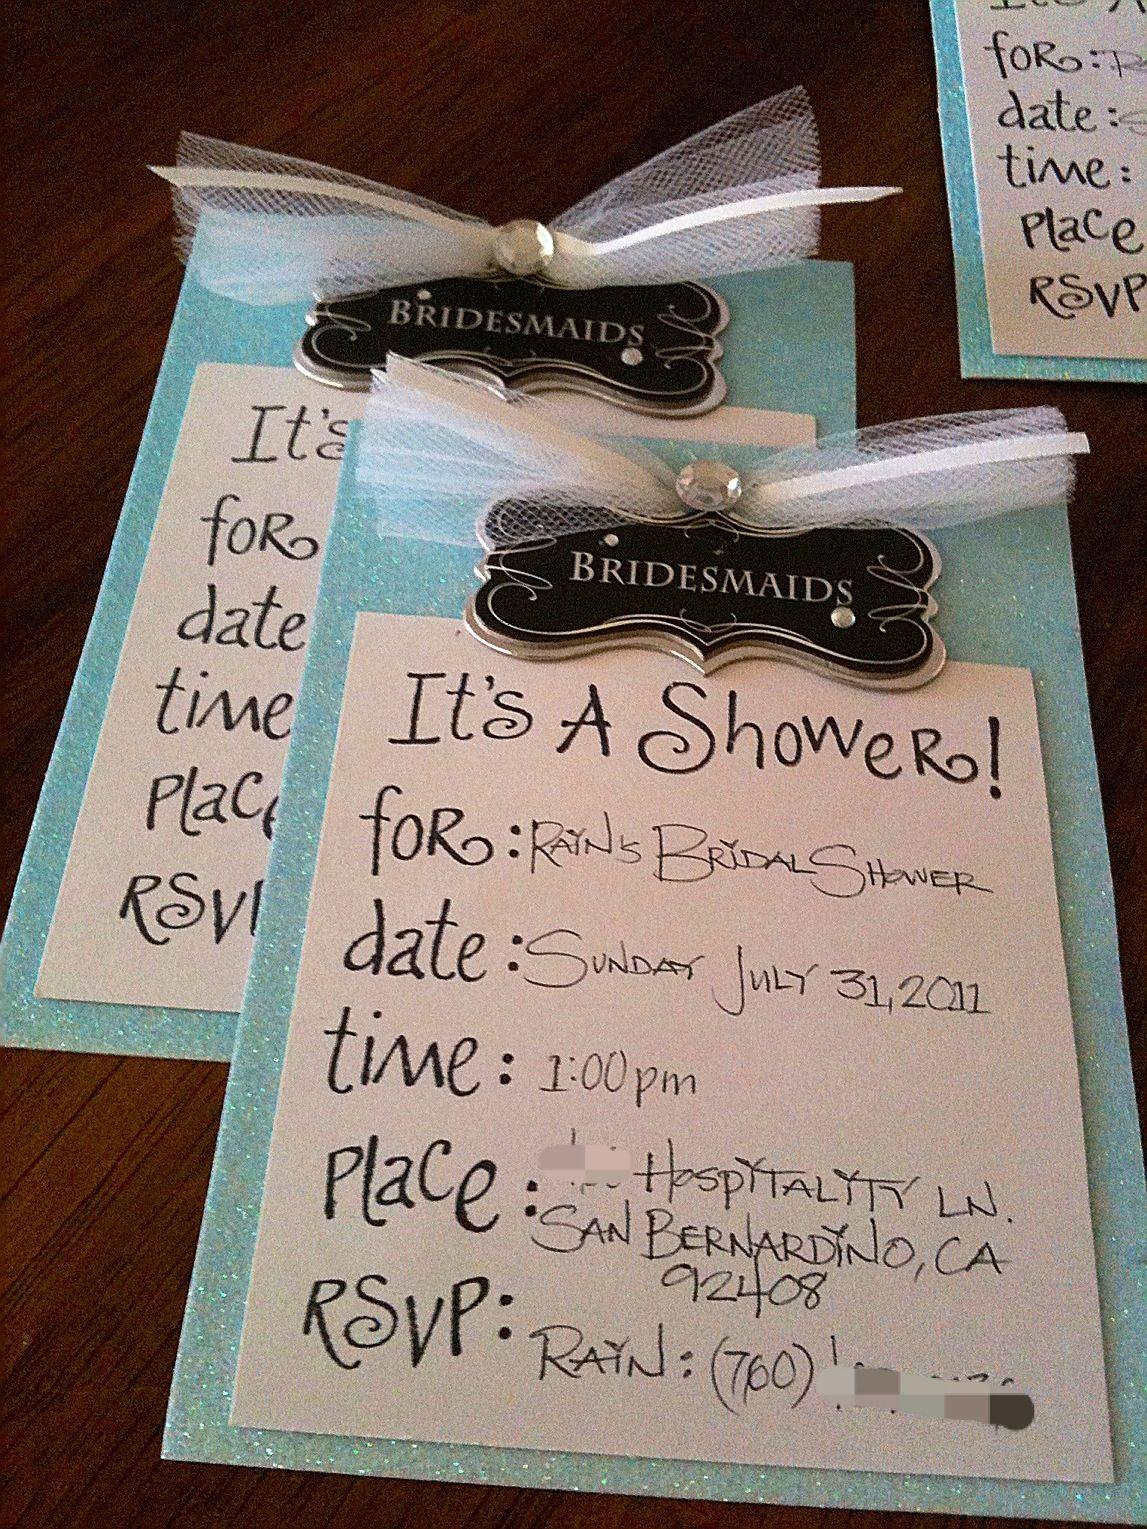 9669363221d1 Handmade bridal shower invitations